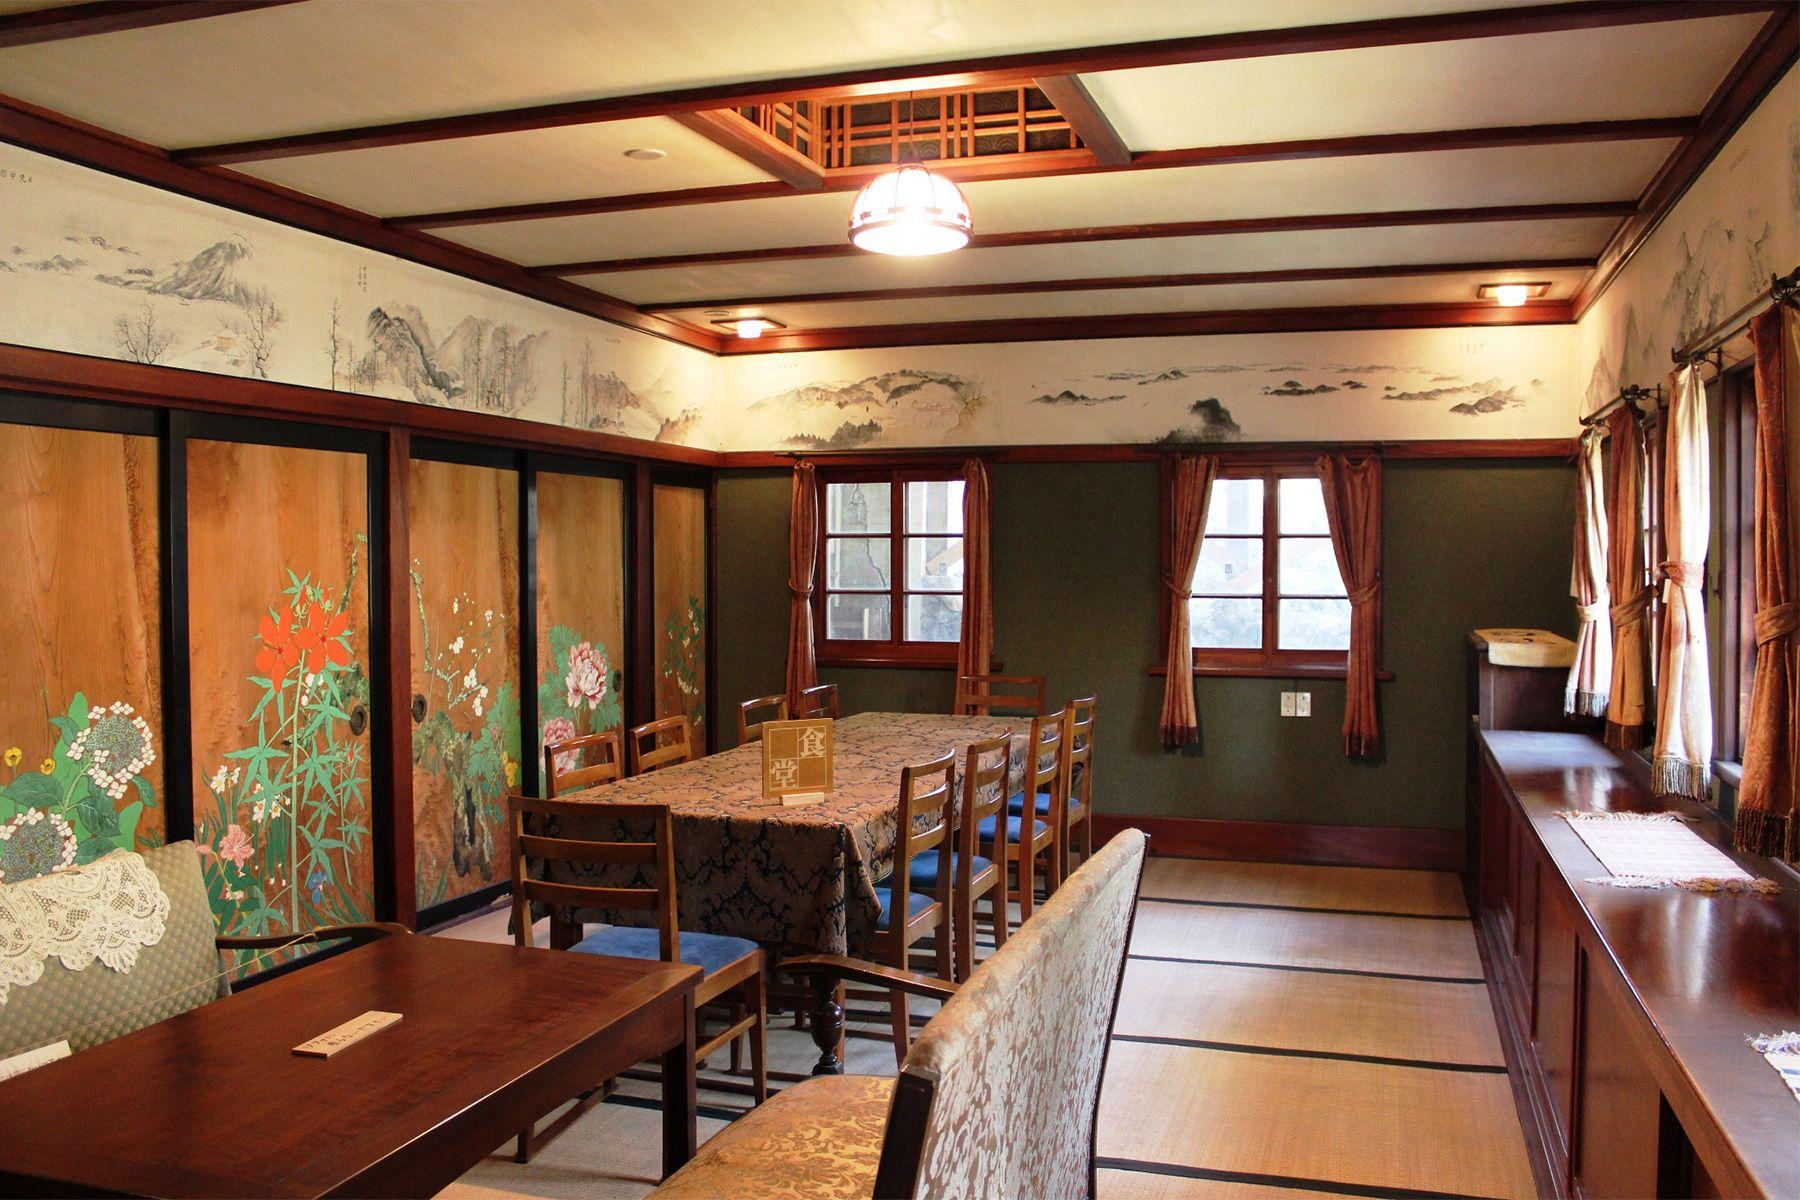 矢中の杜/旧矢中邸 国登録有形文化財 (やなかのもり)別館 食堂